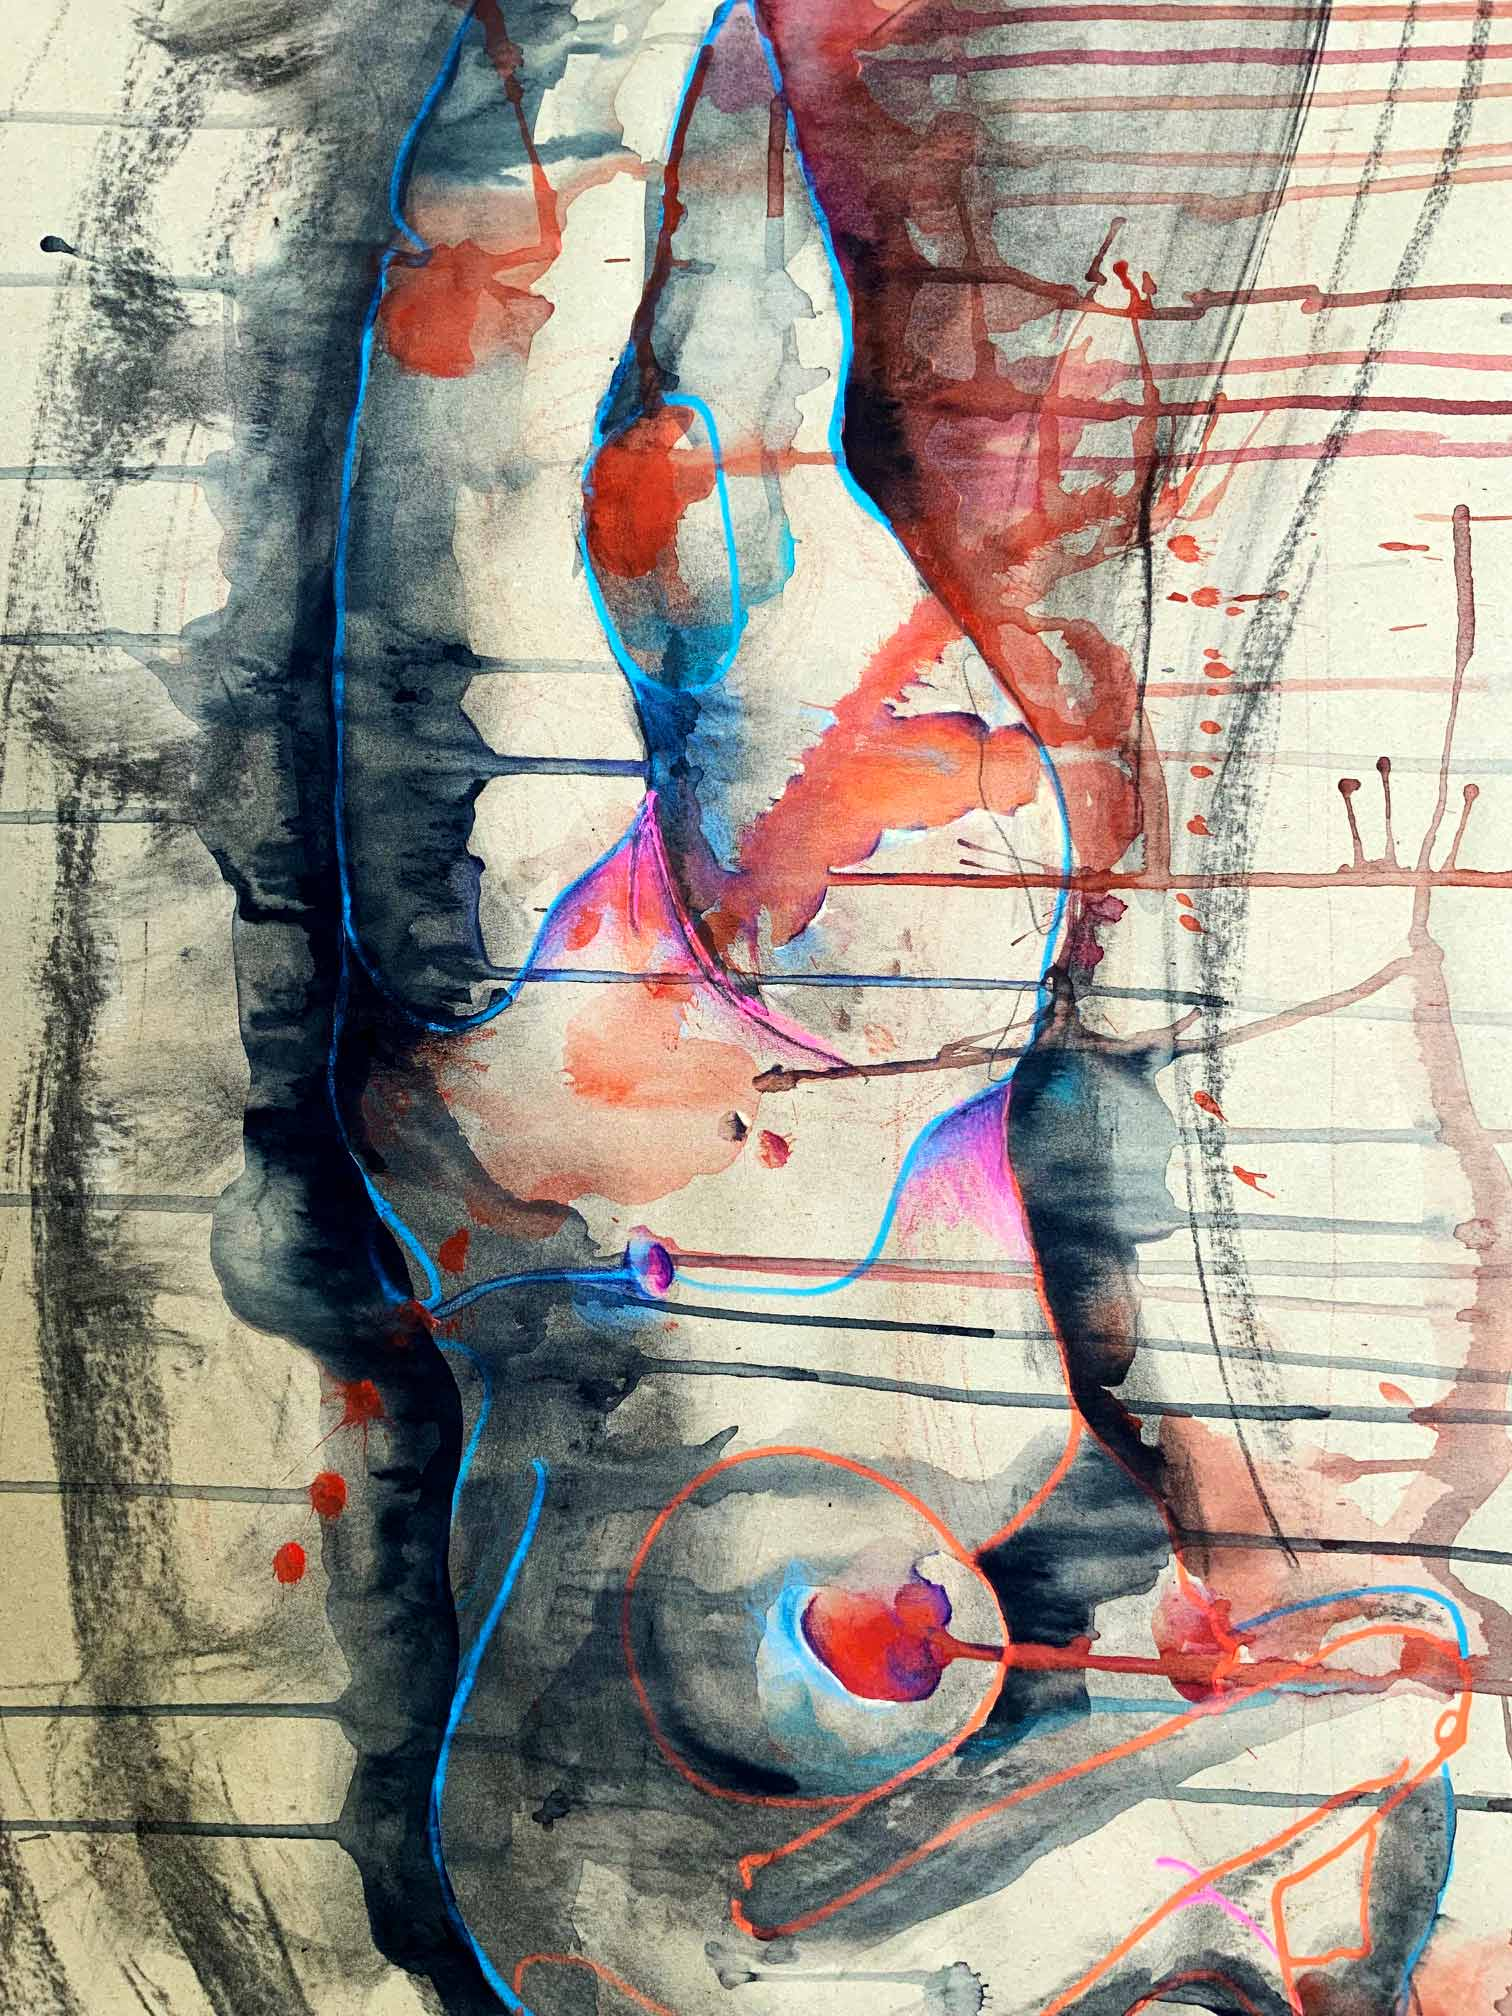 Erotische Zeichnung einer Frau.